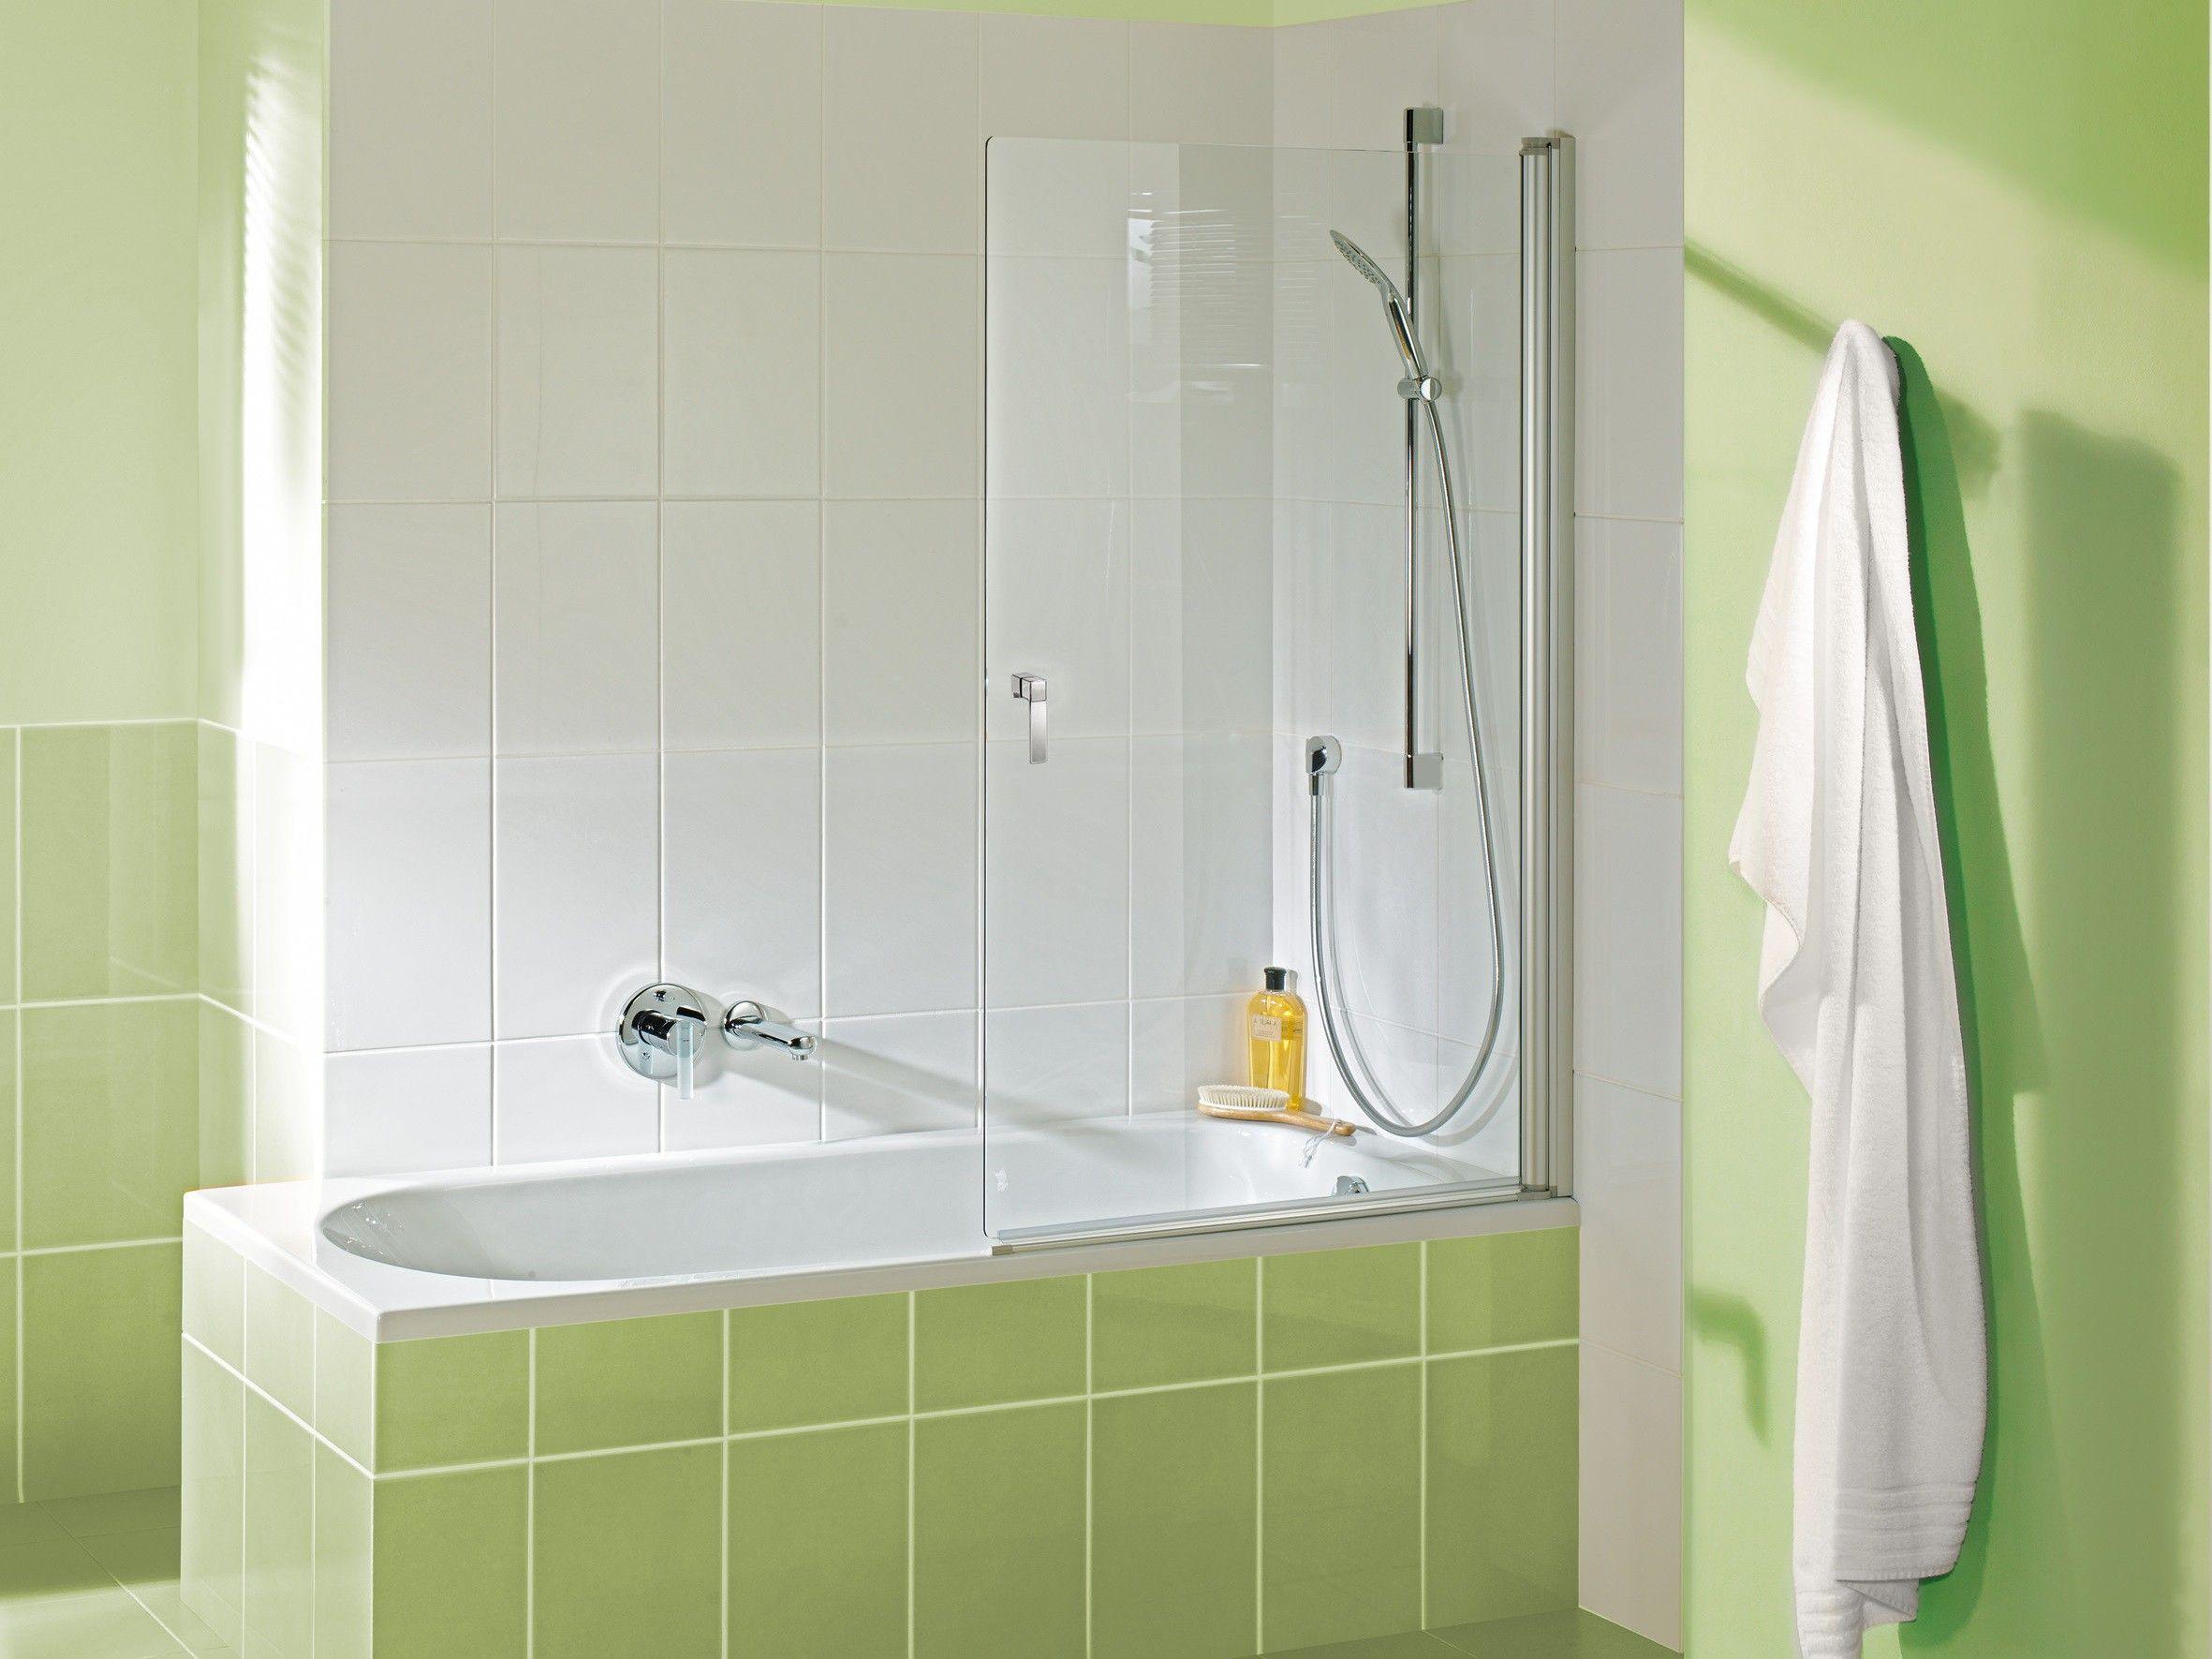 Badewannen Duschaufsatz 90 X 140 Cm Bad Design Heizung Dusche Badewanne Bad Design